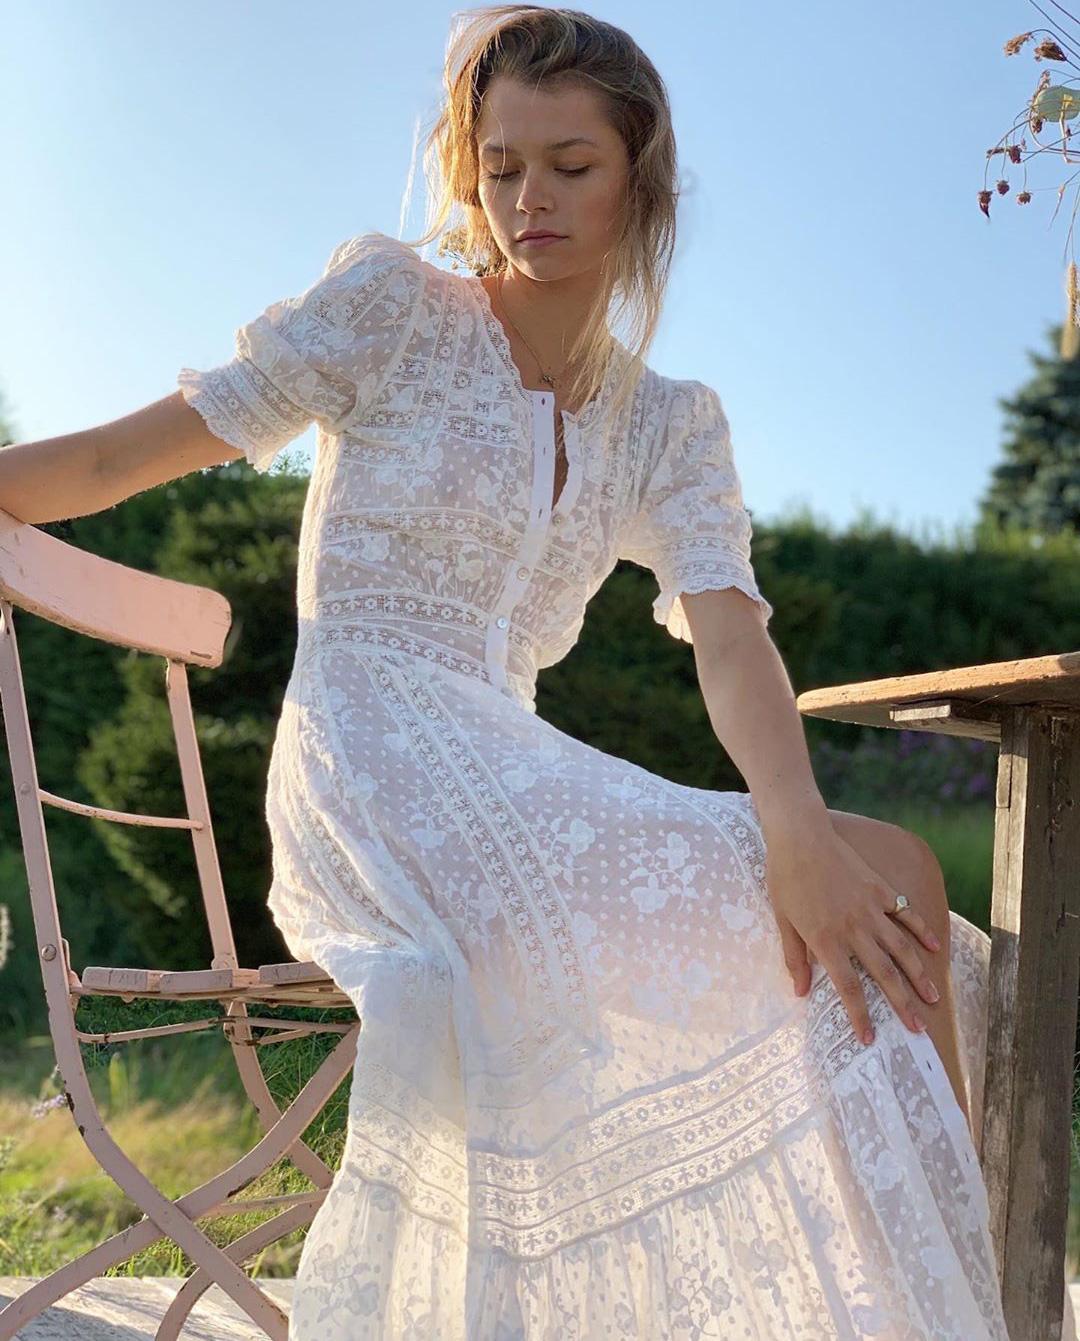 dziewczyna siedzi biała sukienka maxi boho love shack fancy